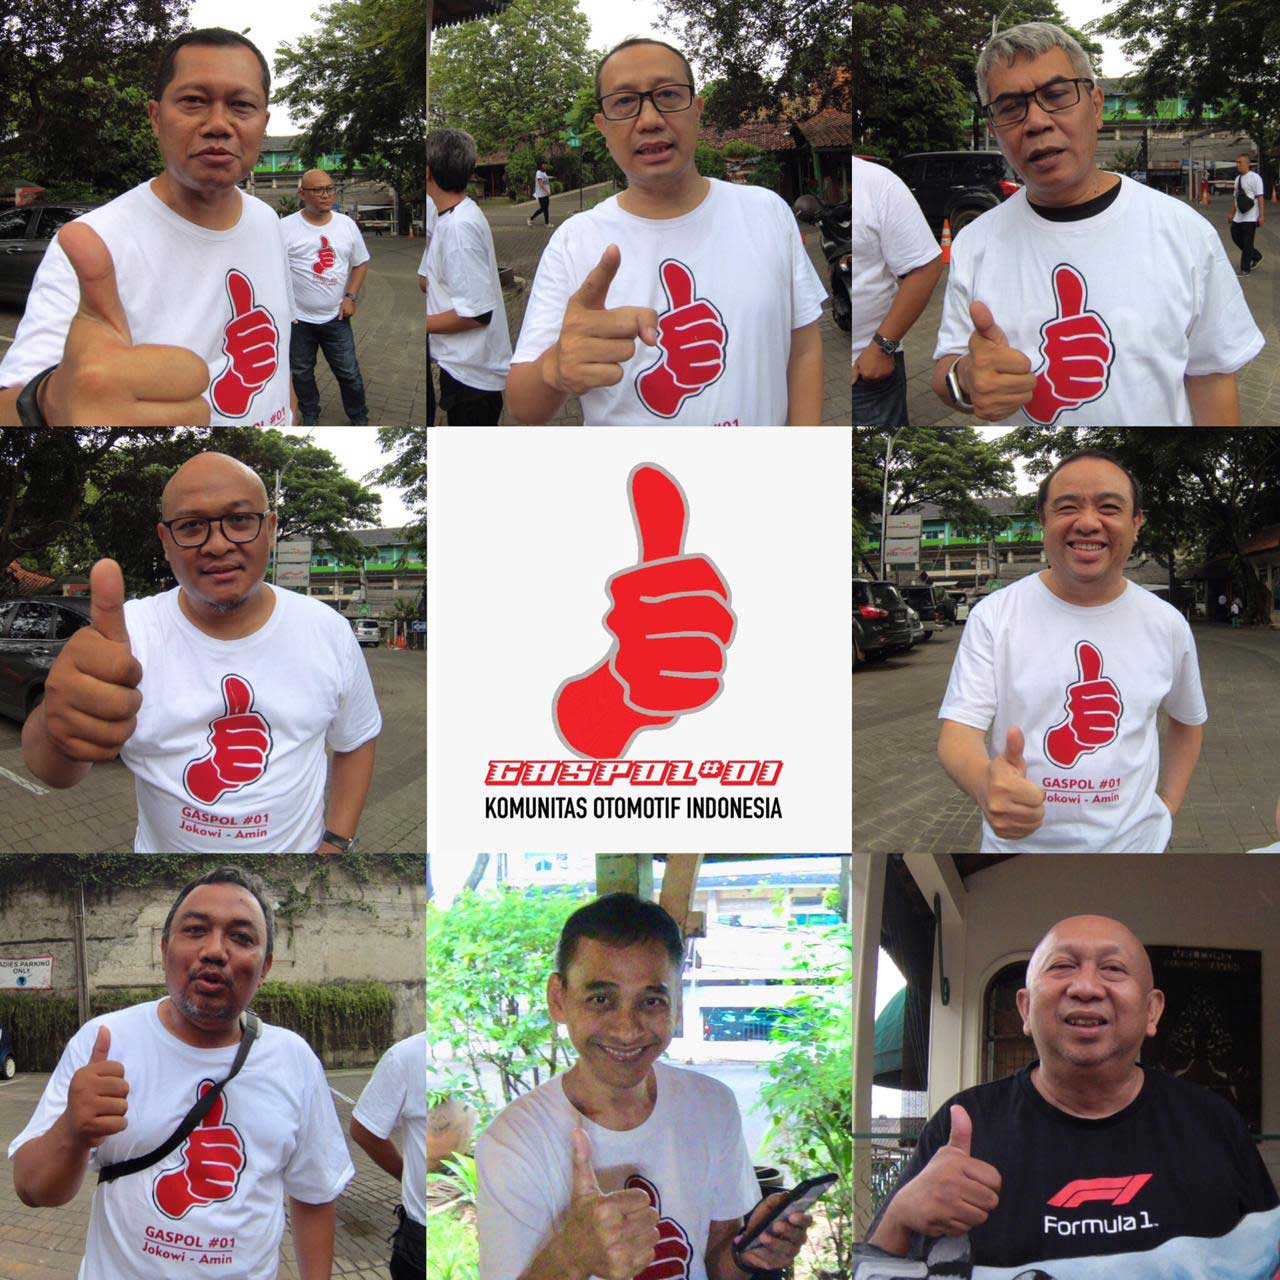 Etos Kerja jadi Alasan Komunitas Otomotif Indonesia Dukung Jokowi